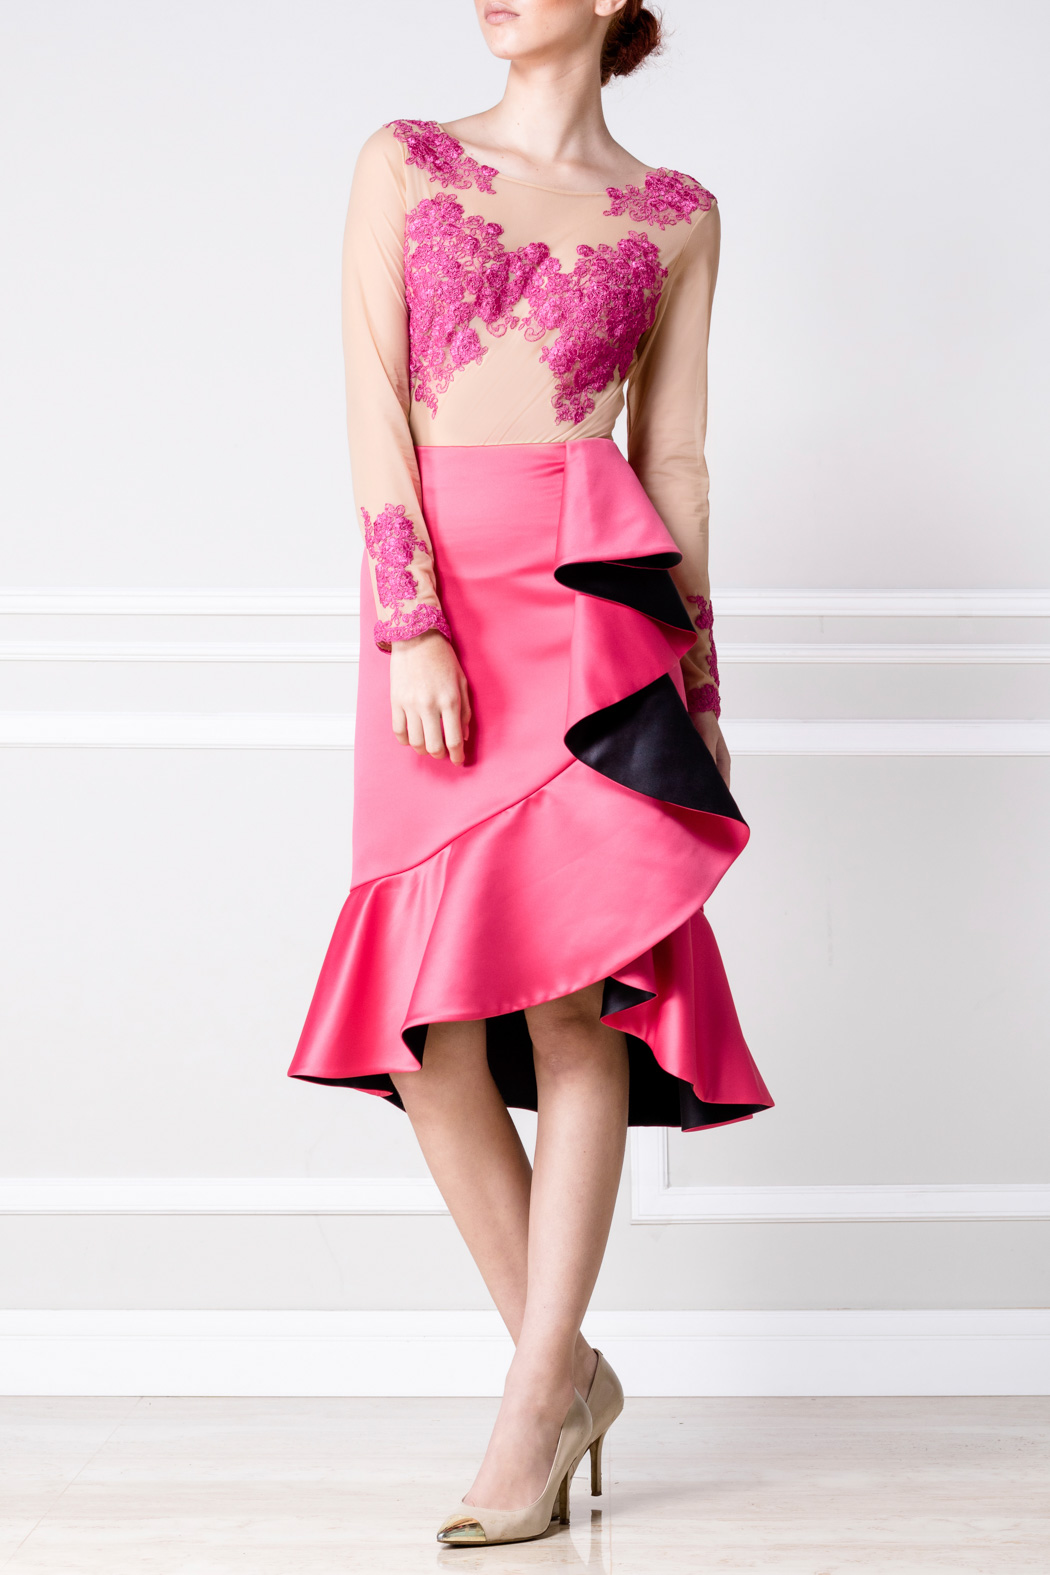 Falda Lola rosa y negro - €230